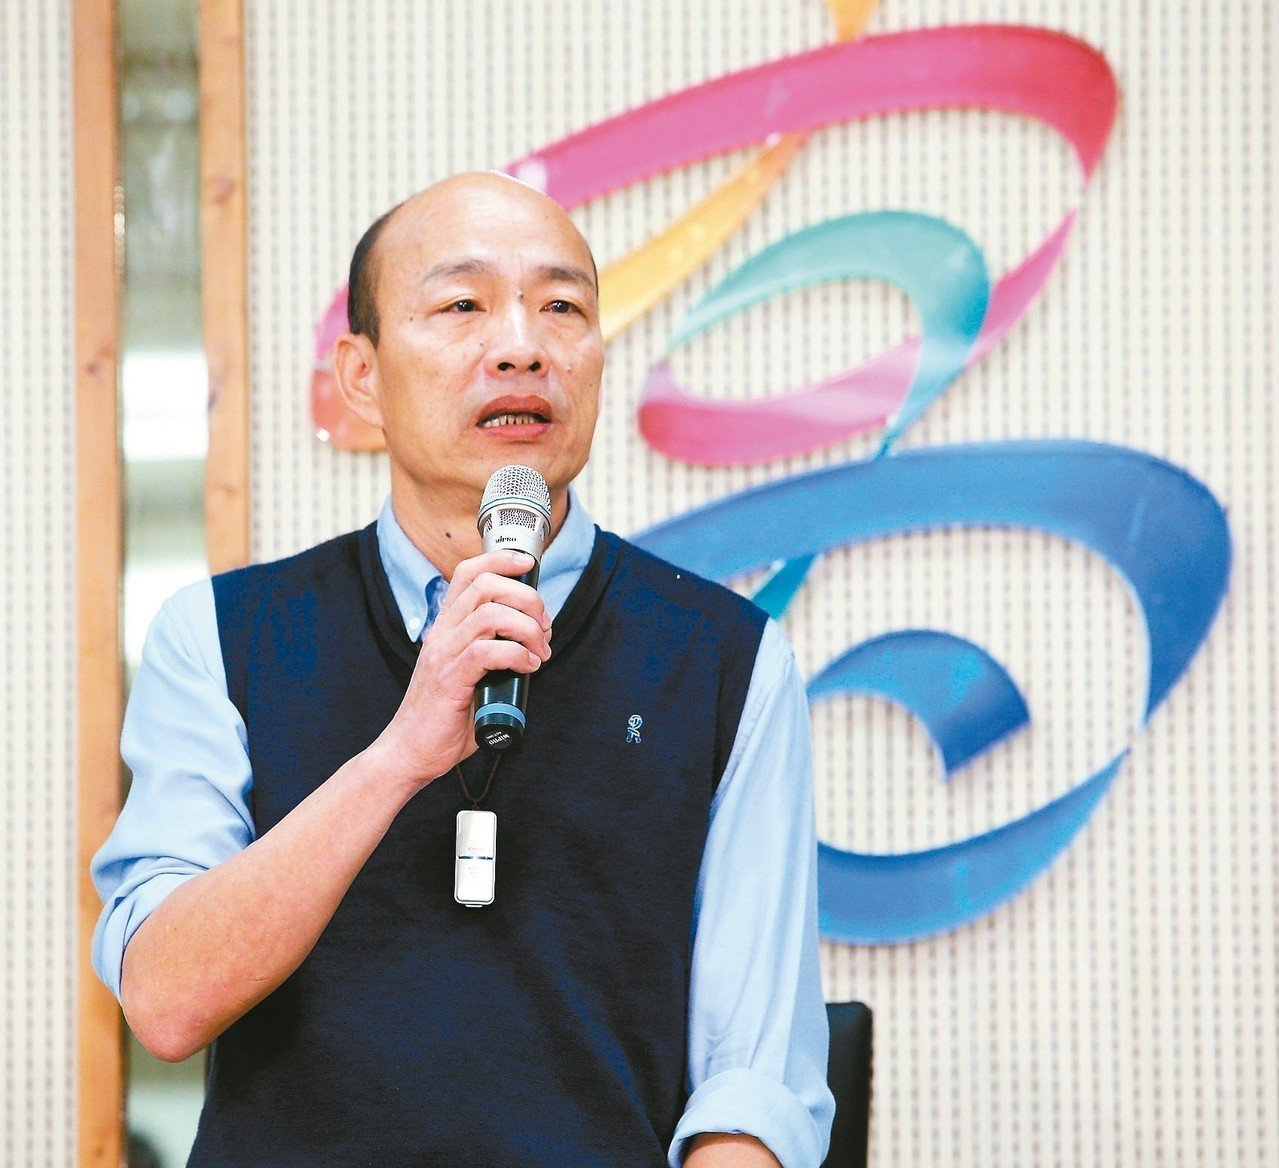 高雄市長韓國瑜上午發表聲明透露他無法參與現行國民黨的初選機制。 記者劉學聖/攝...